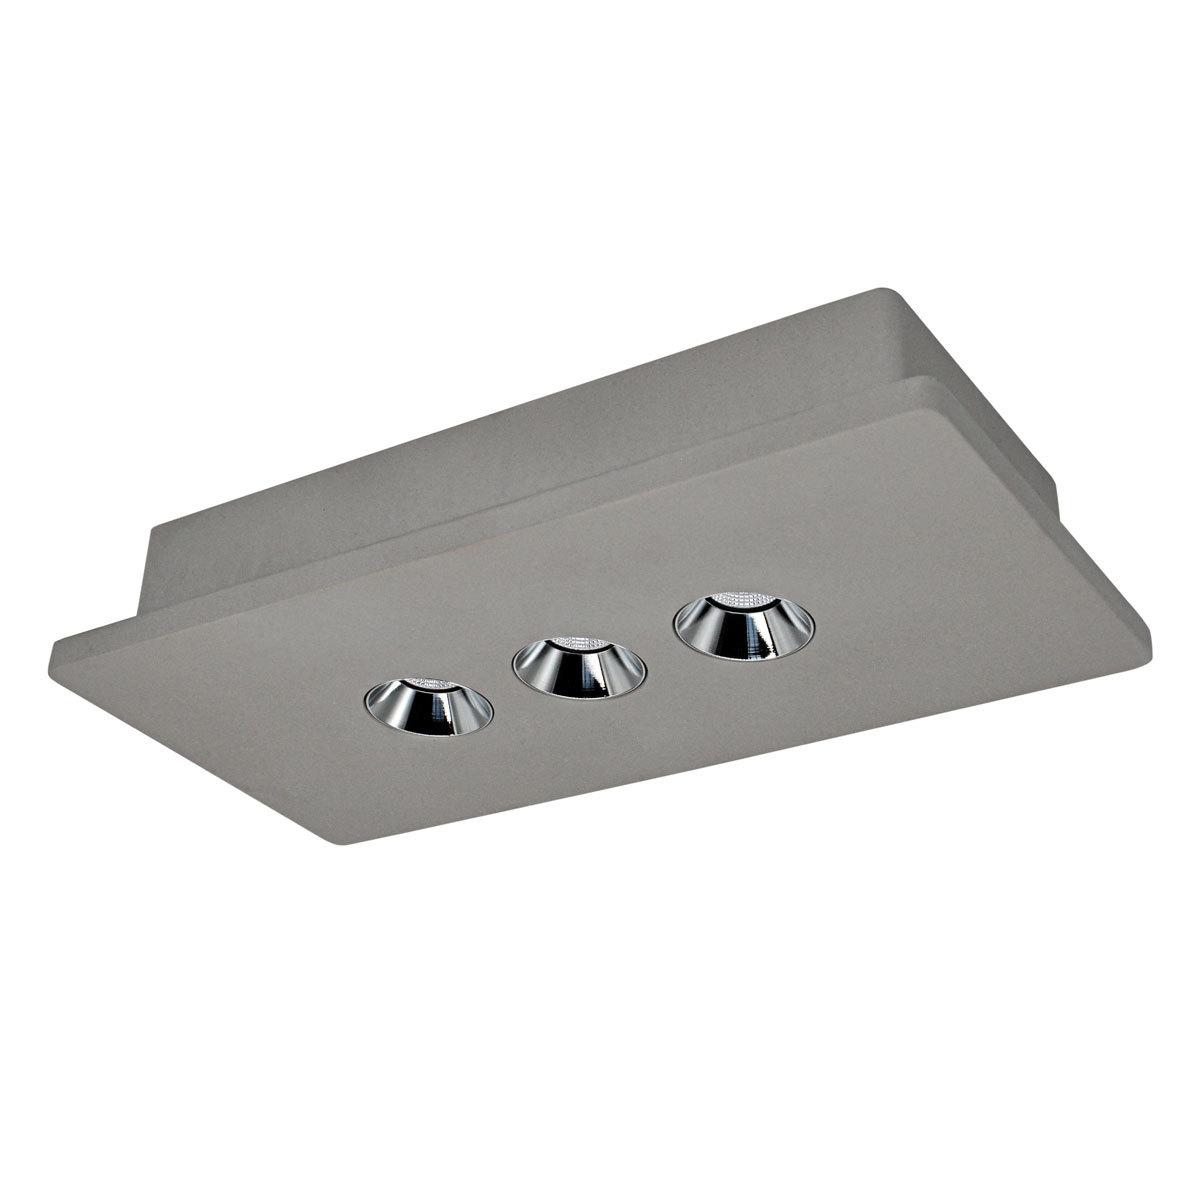 Потолочный светодиодный светильник Loft It Architect OL1072-GH/3, LED 12,6W 3000K 720lm, серый с хромом, бетон - фото 1